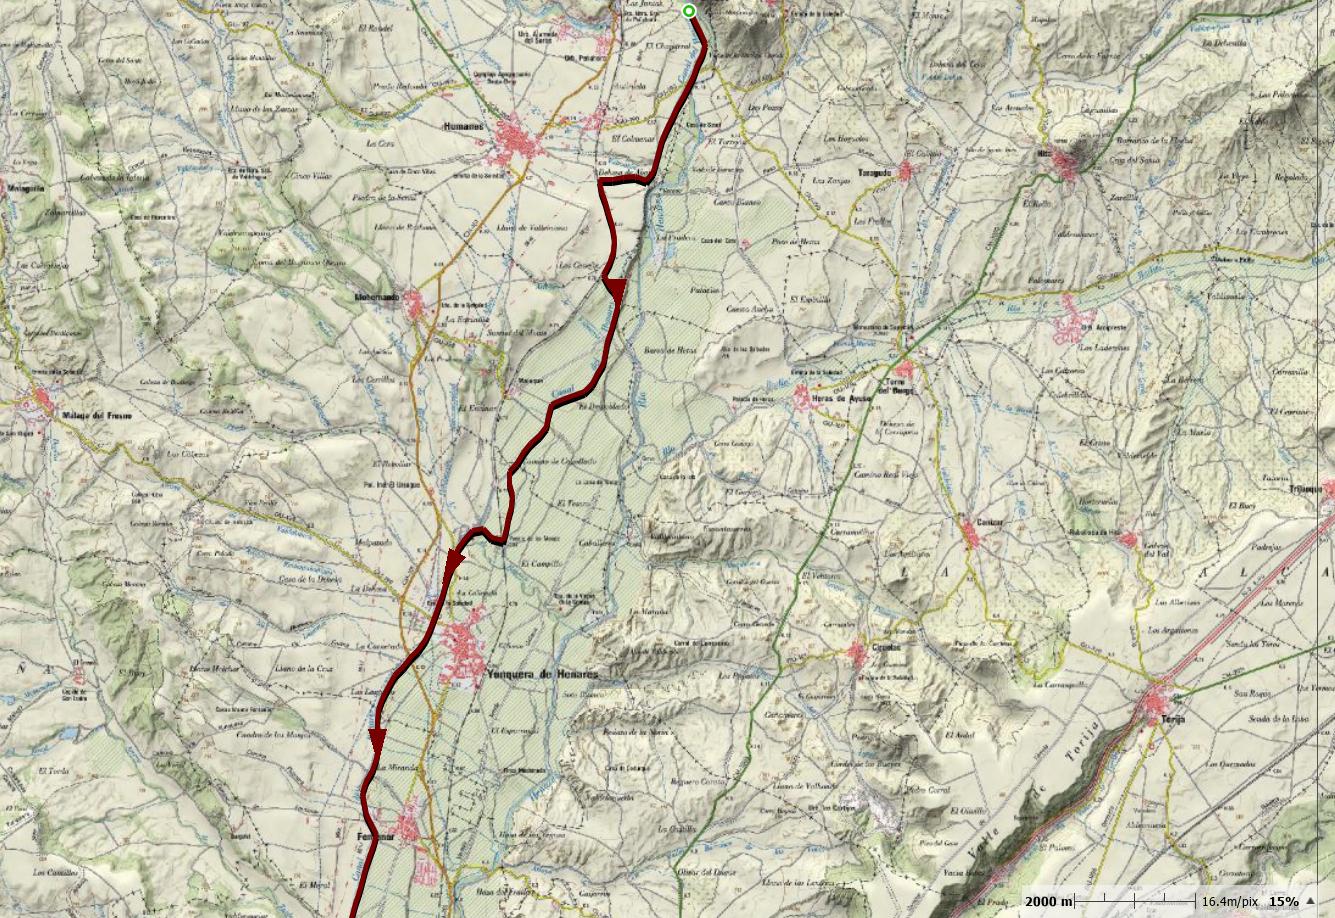 Etapa 1: De la represa sobre el Henares hasta la carretera de Fontanar